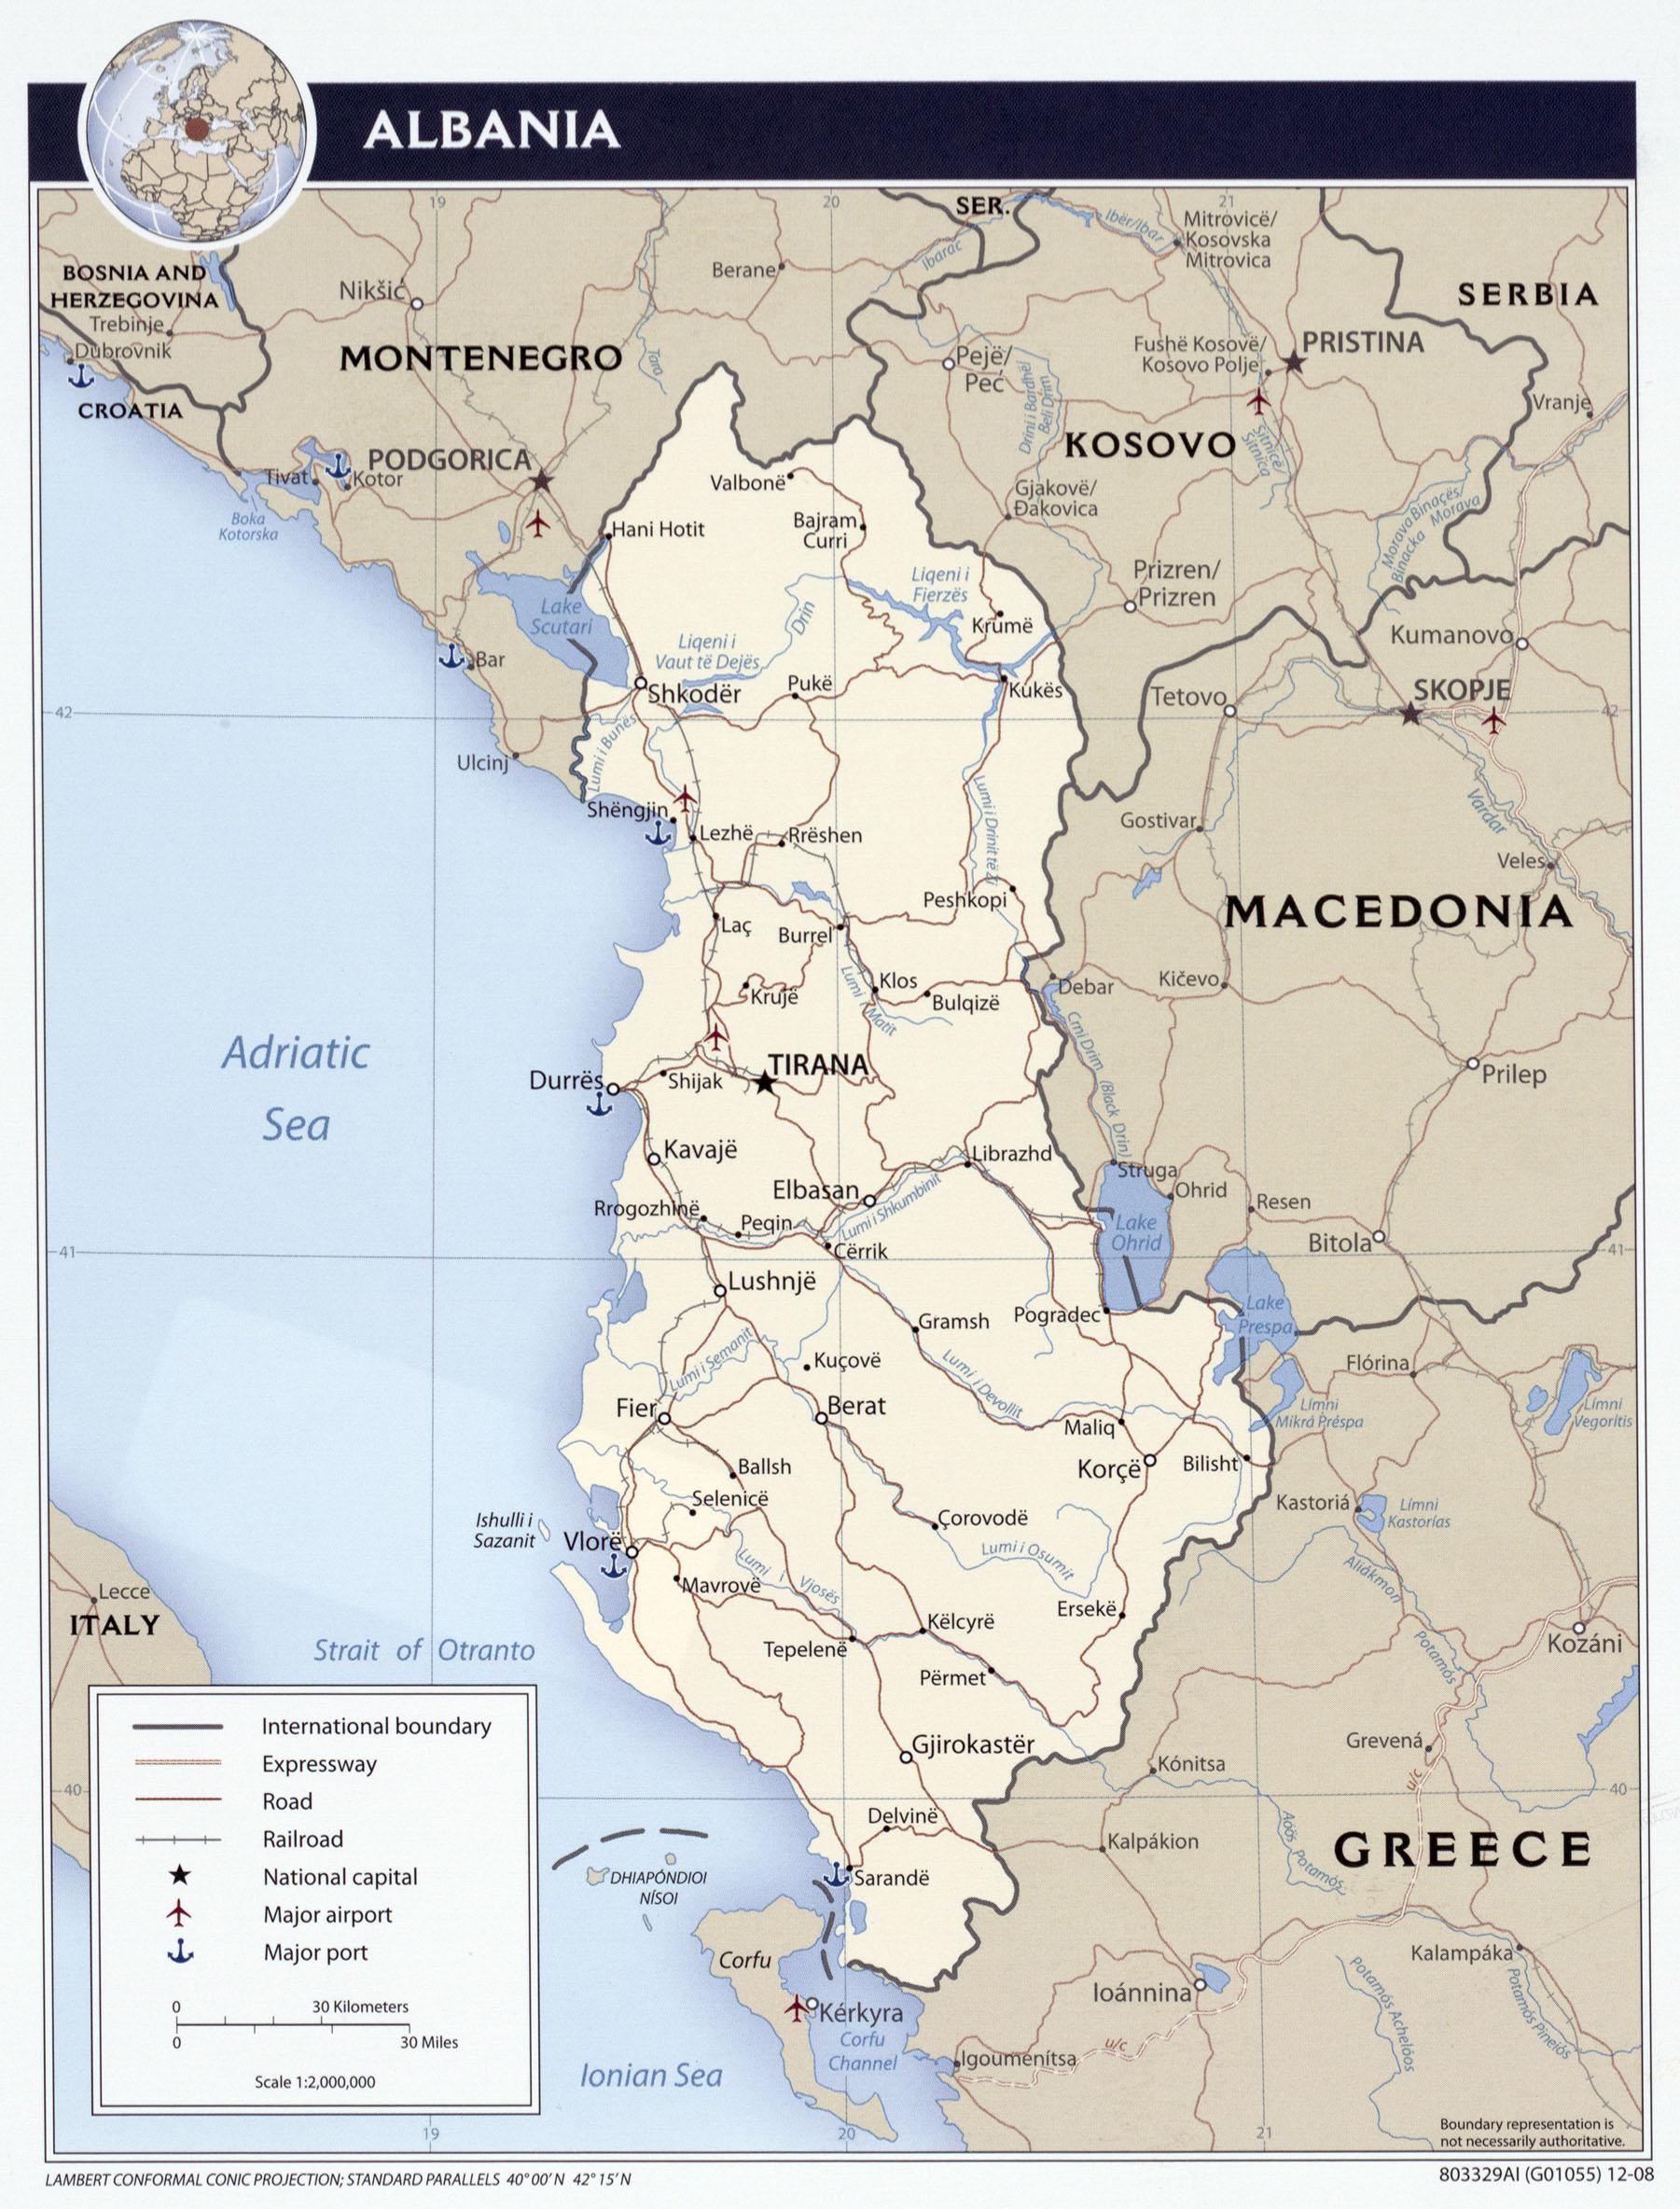 Mapa de las ciudades de Albania